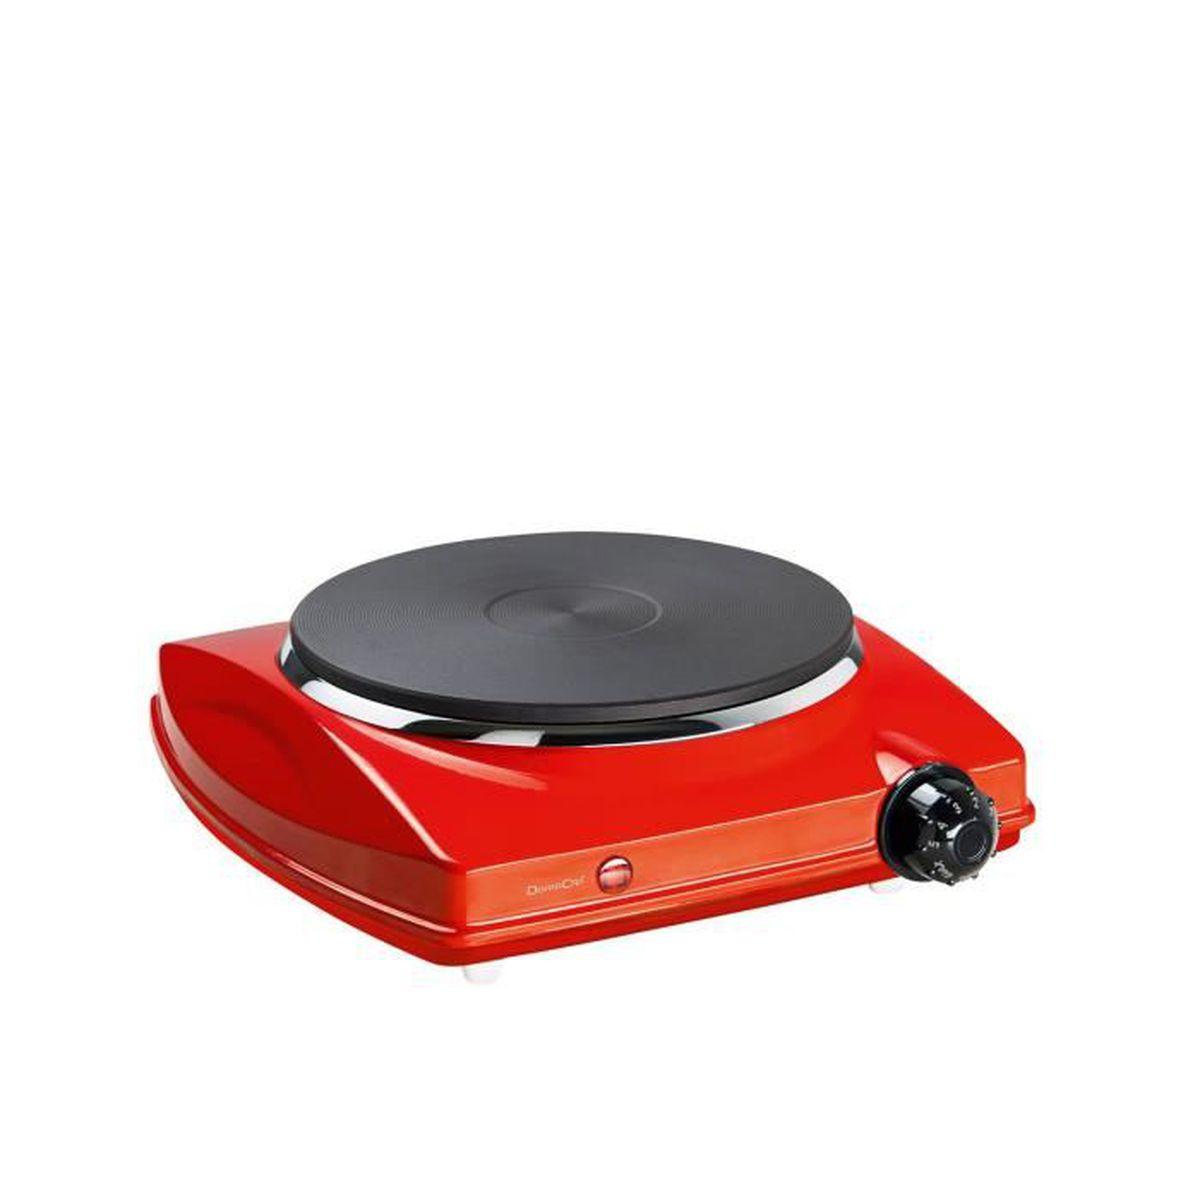 plaque cuisson lectrique 1500w rouge mini kitchen. Black Bedroom Furniture Sets. Home Design Ideas